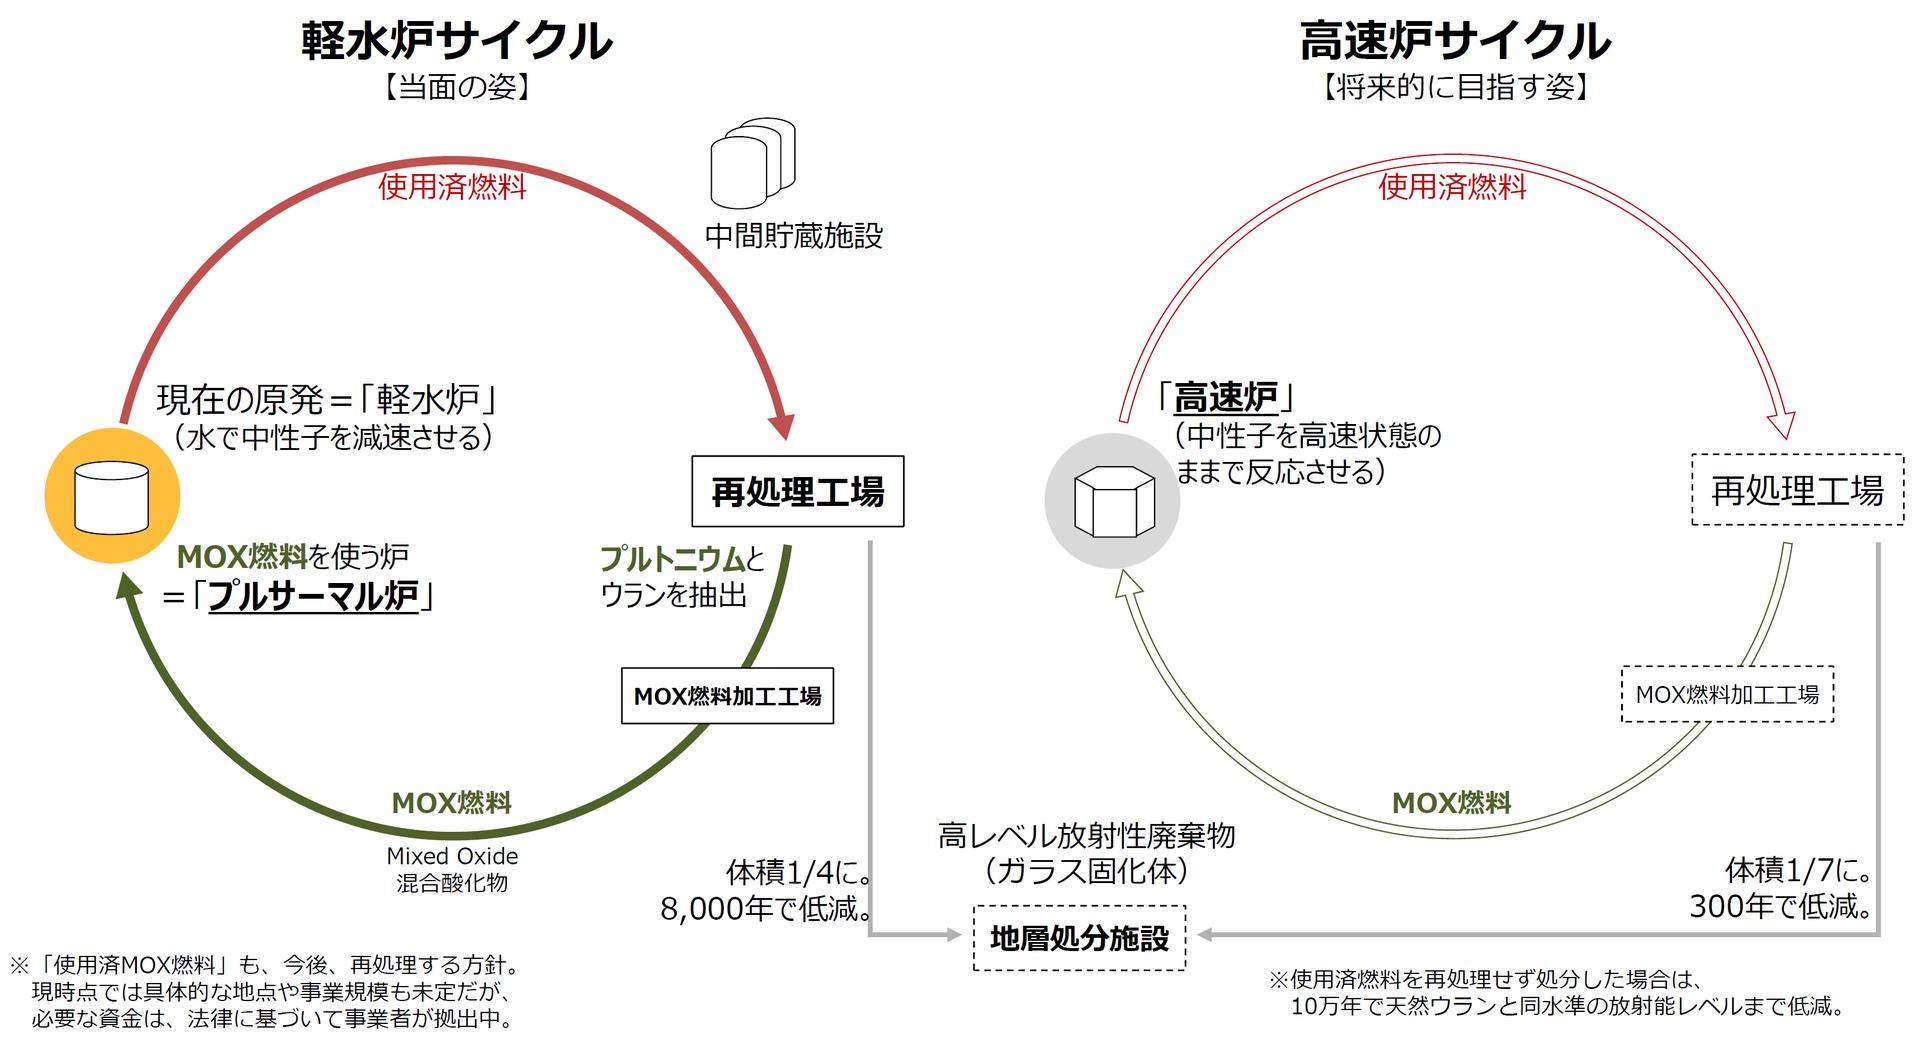 核燃料サイクル